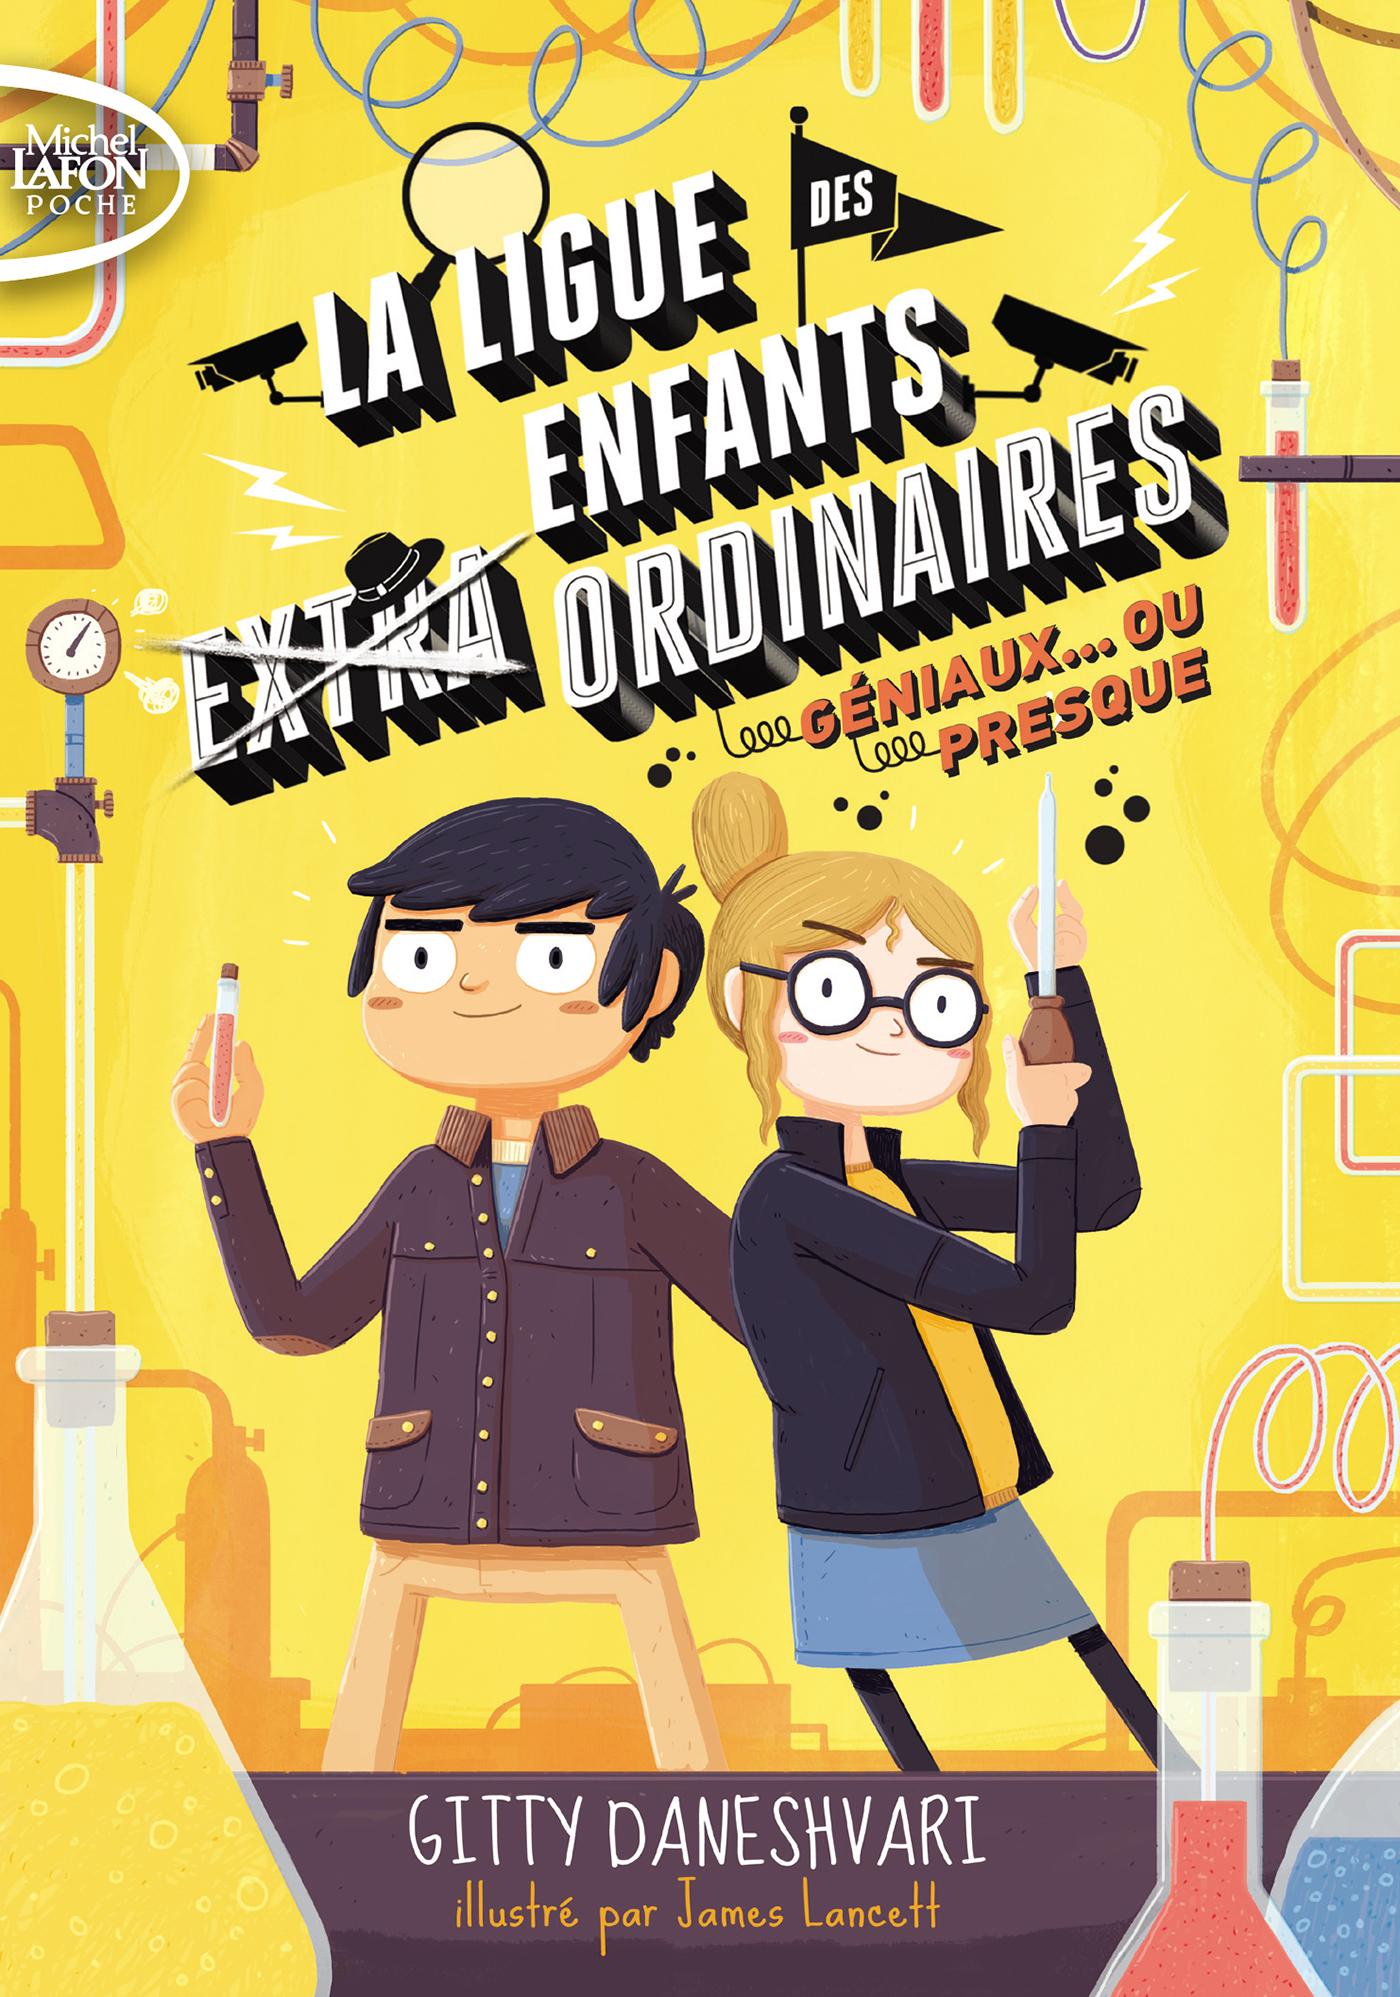 LA LIGUE DES ENFANTS ORDINAIRES – TOME 2